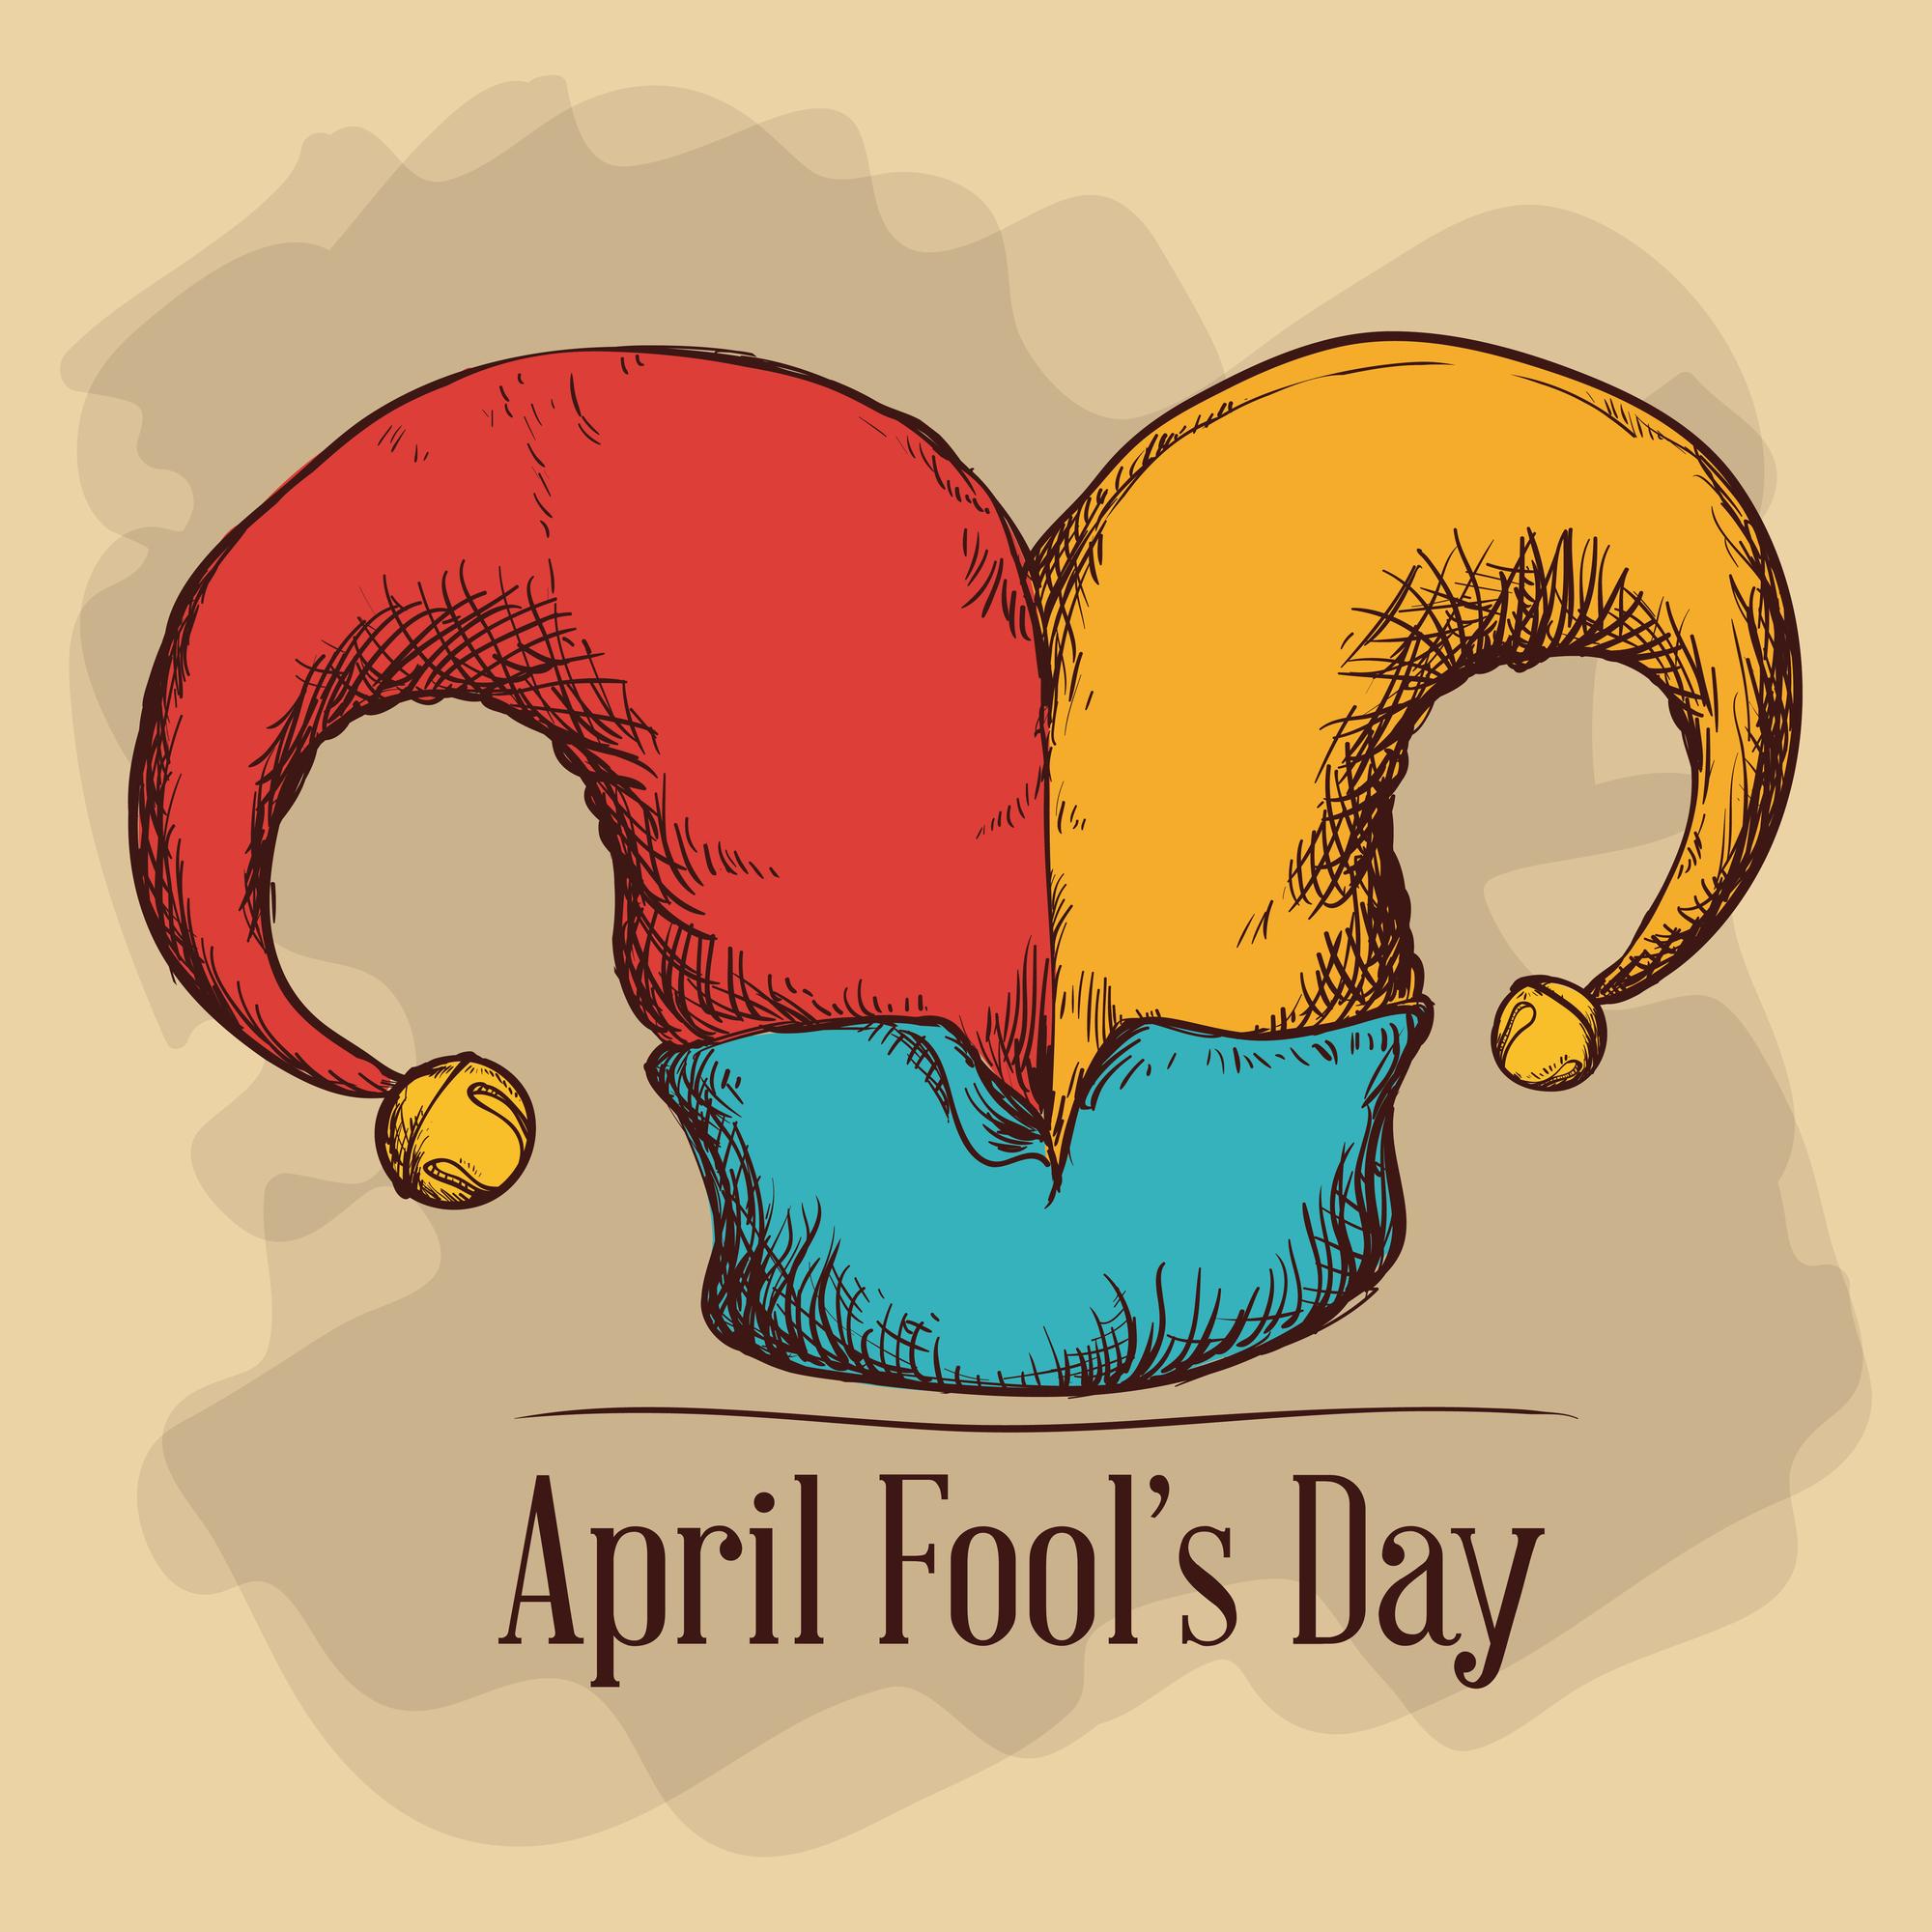 День смеха 1 апреля: История и традиции